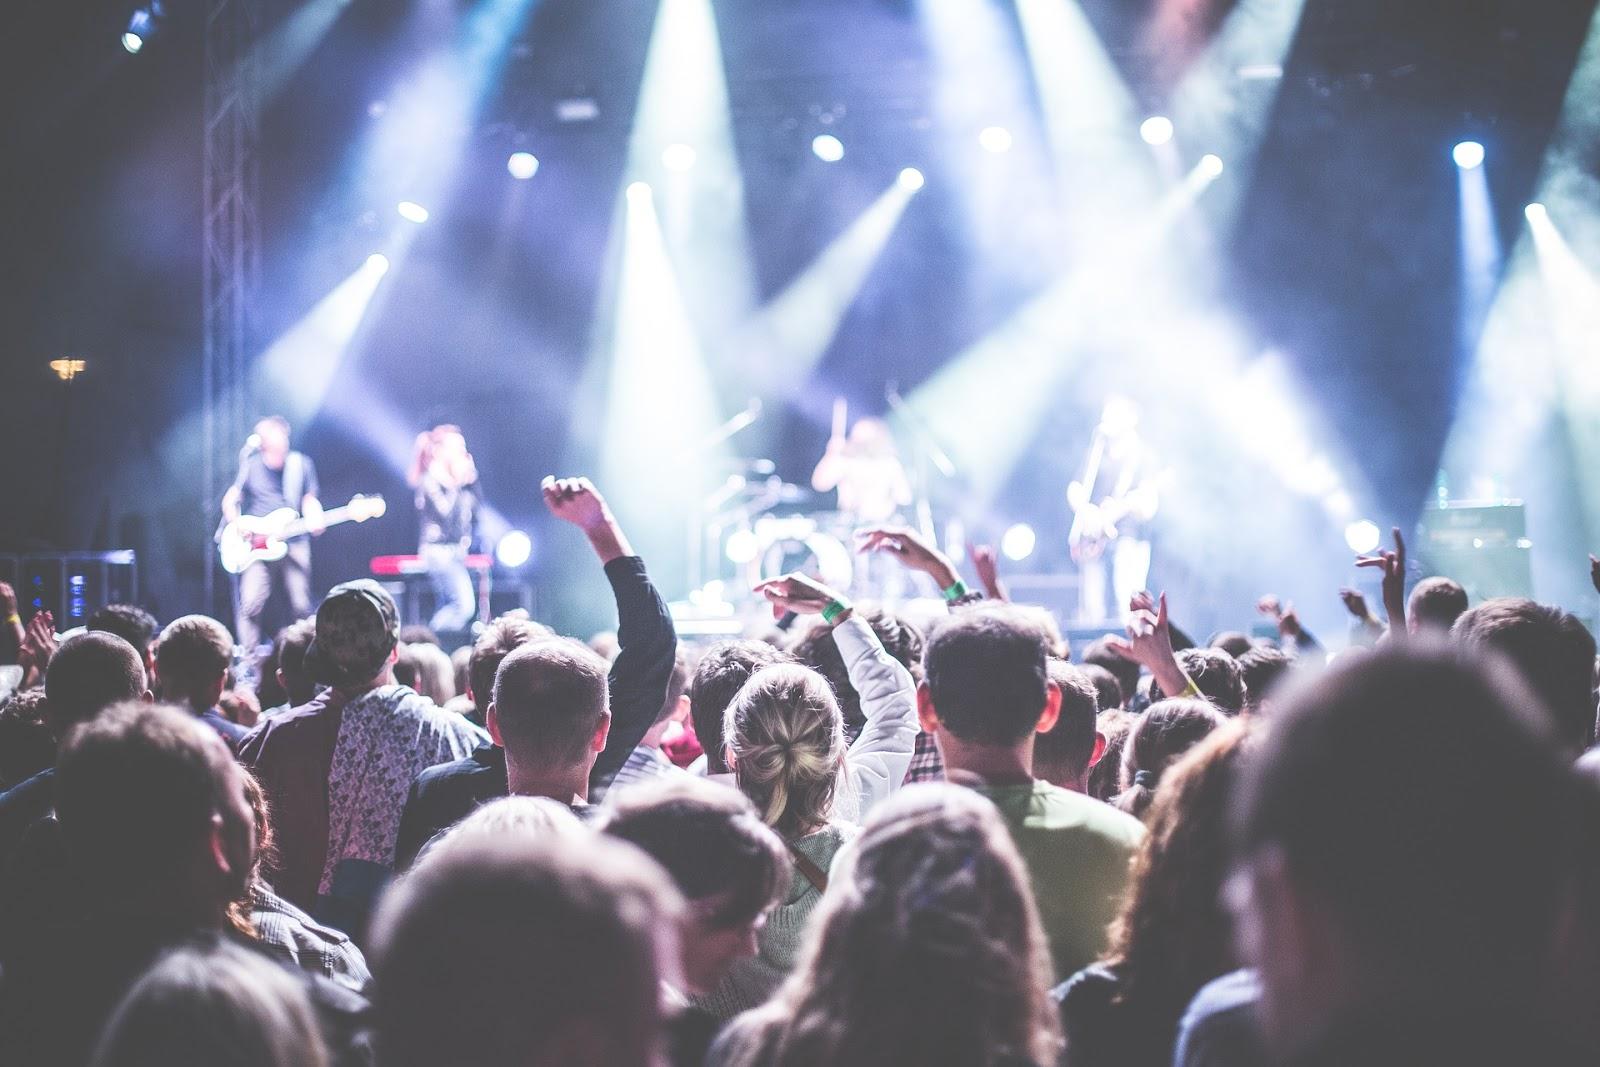 ¿Es correcto invitar a a cantantes seculares en eventos cristianos?